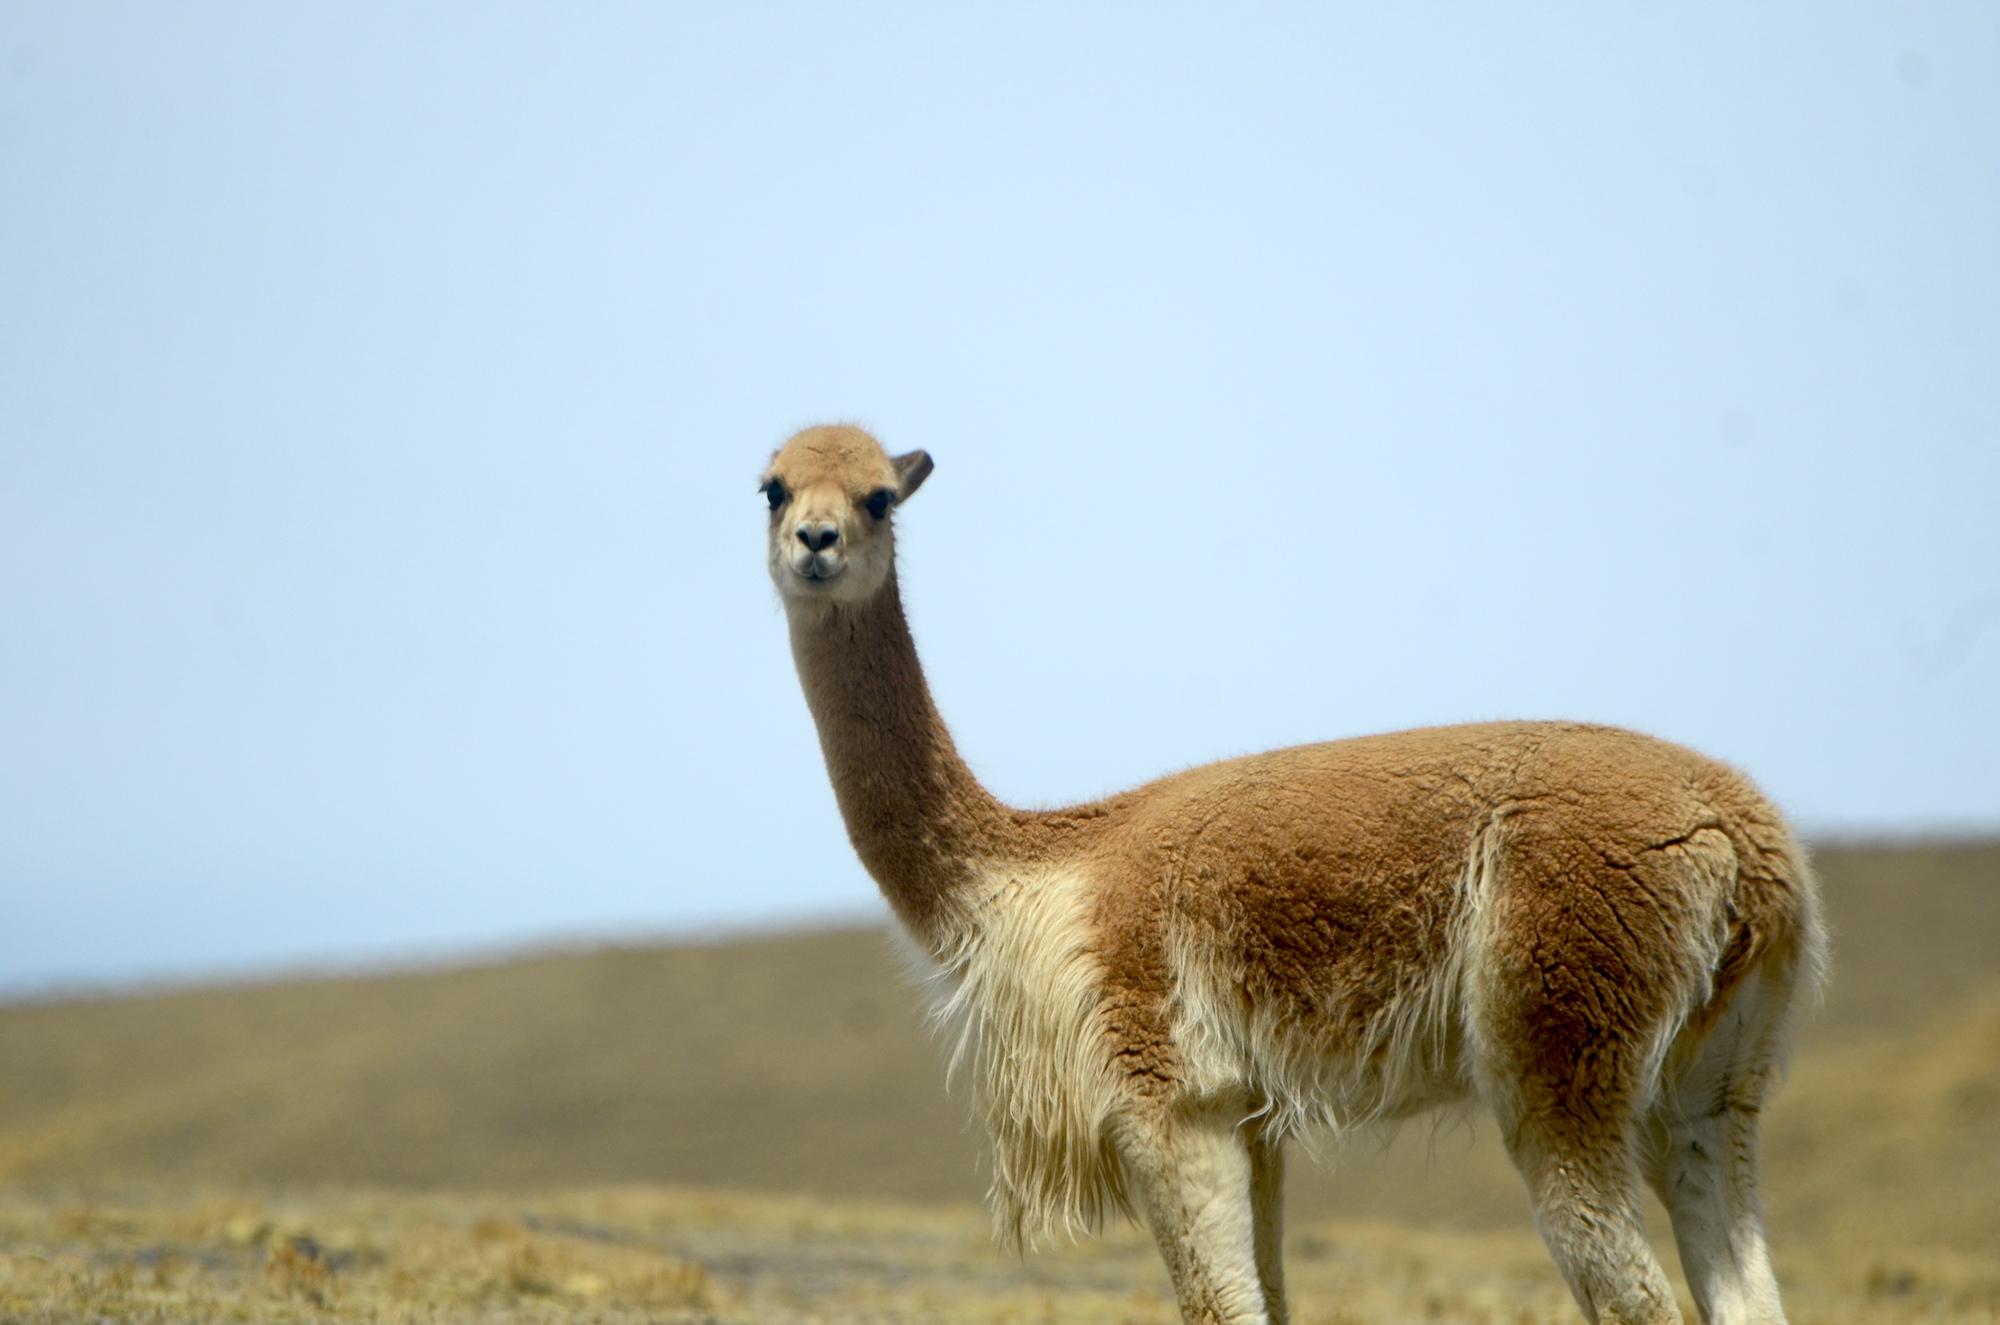 Las vicuñas pastan tranquilas en la puna dentro del territorio propuesto como ACR Ausangate. Foto: Yvette Sierra Praeli.